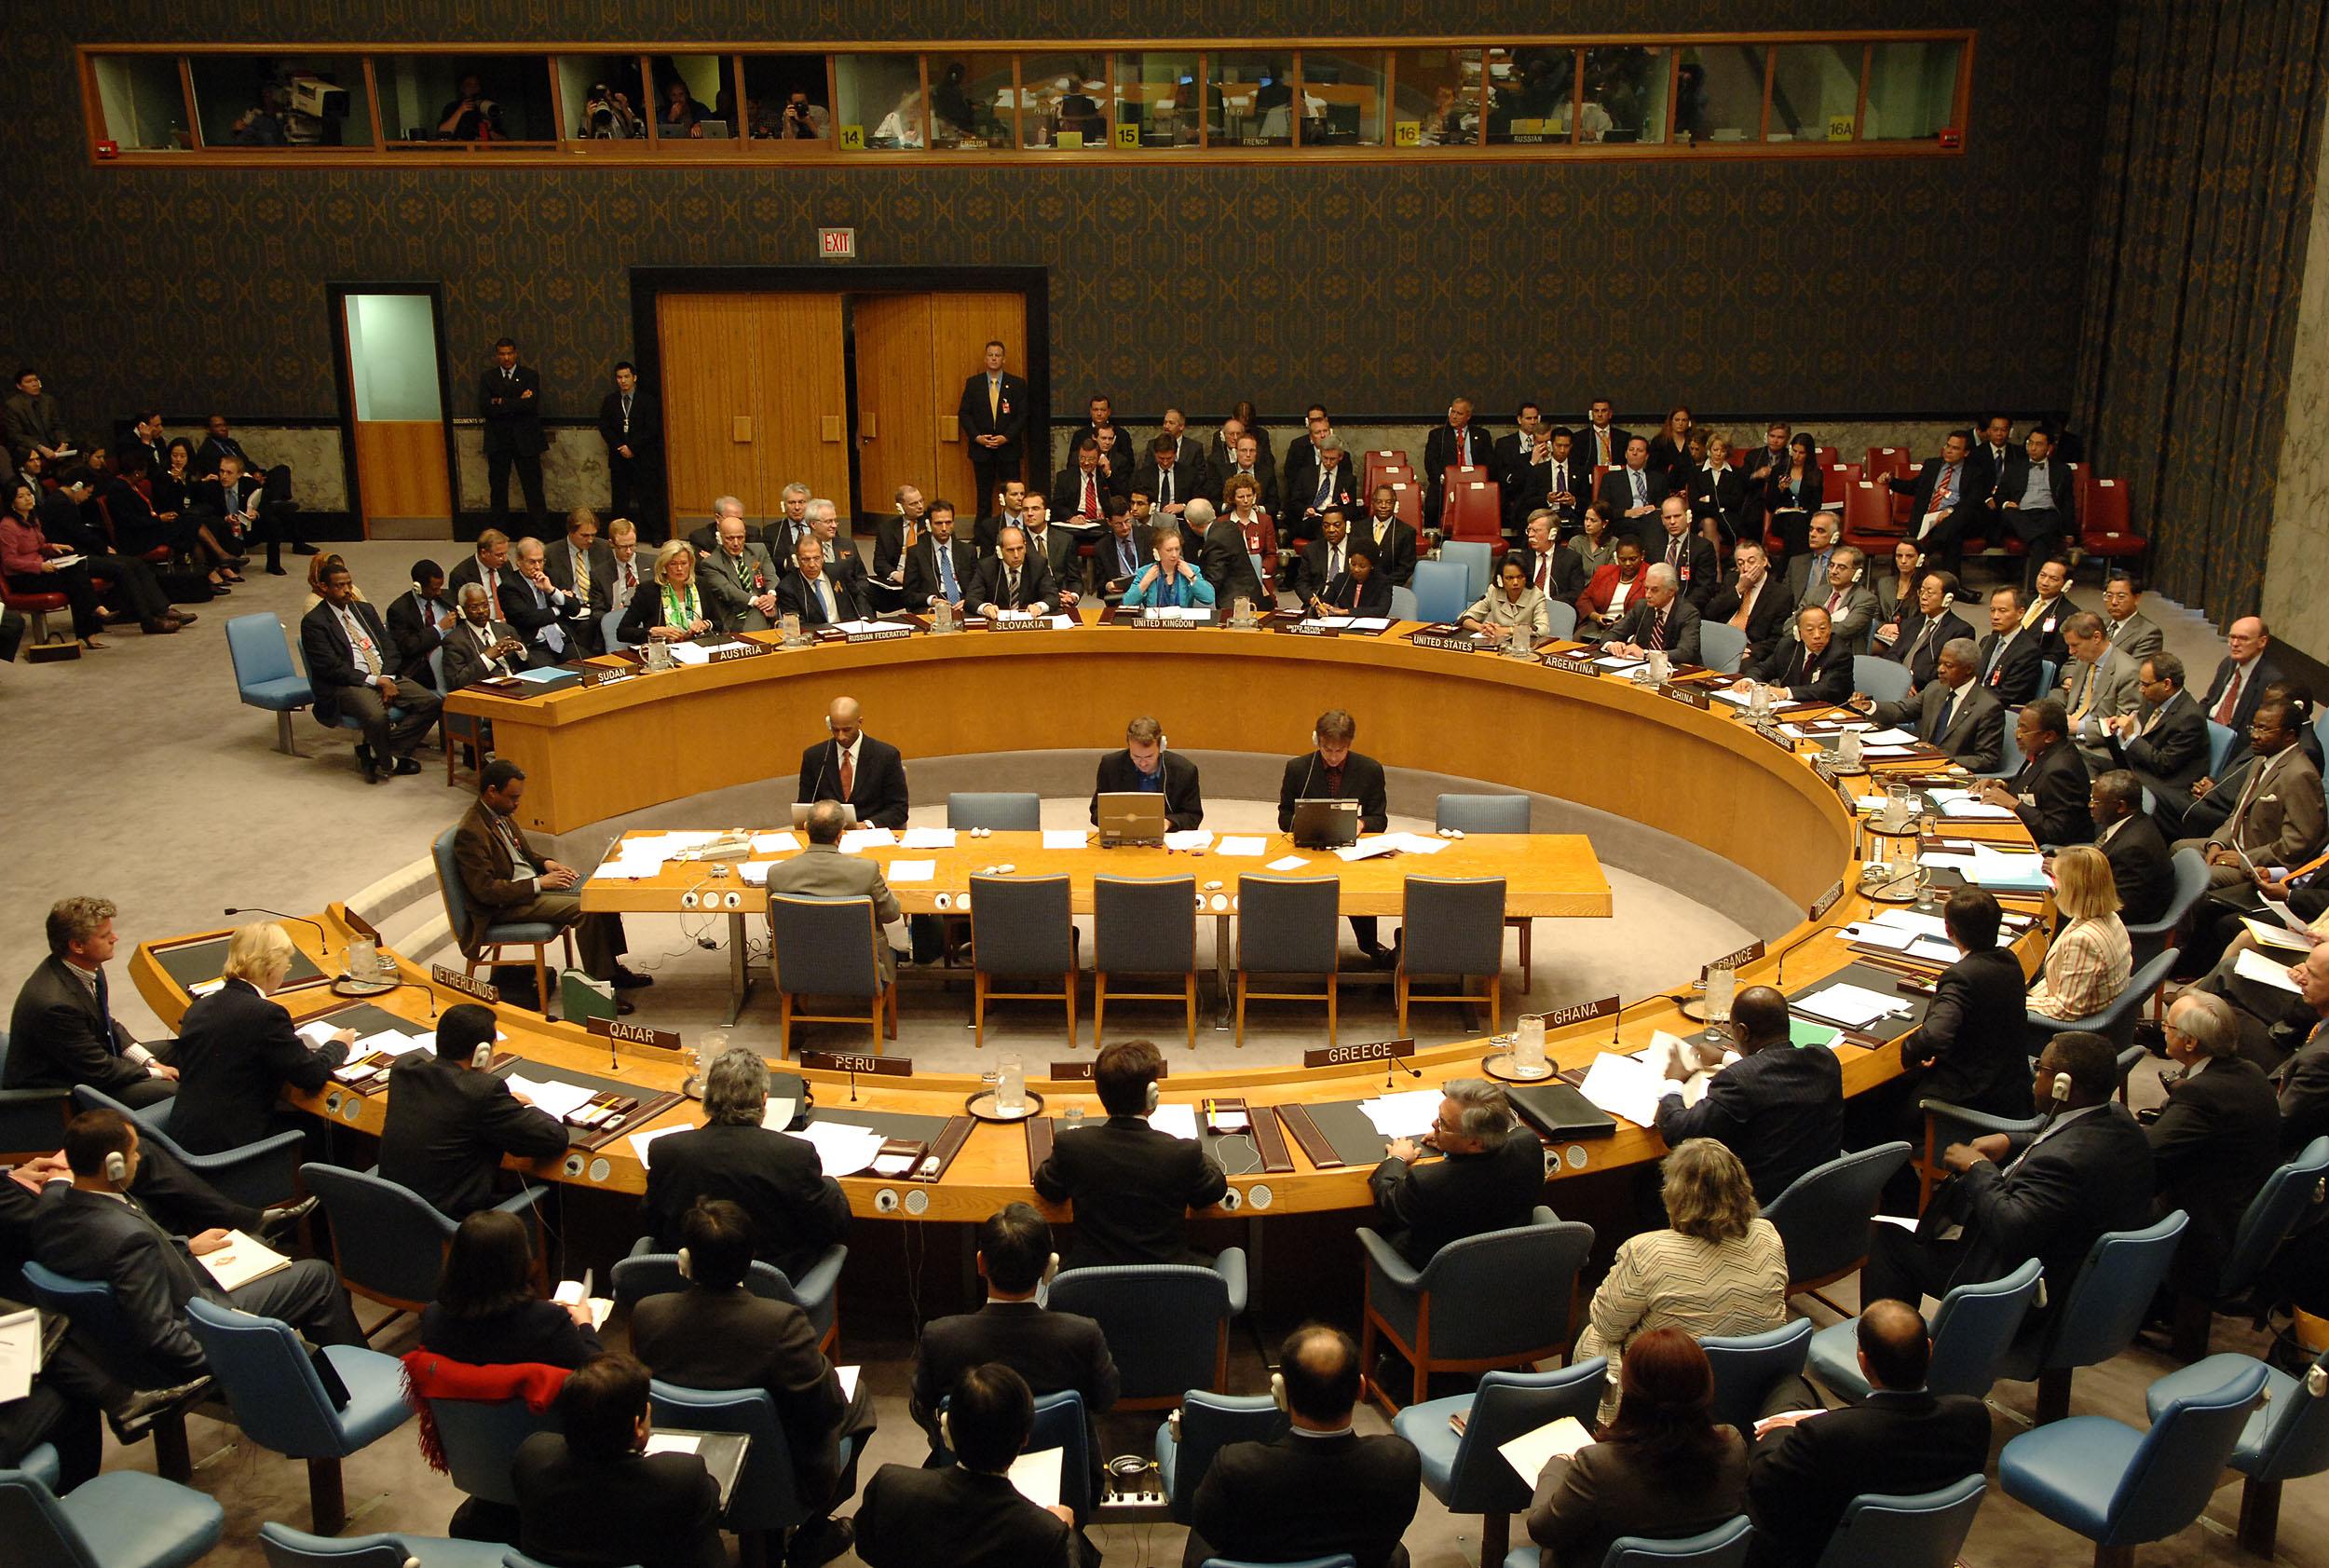 مجلس الأمن يصوت بالإجماع على قرار يدين الحوثيين